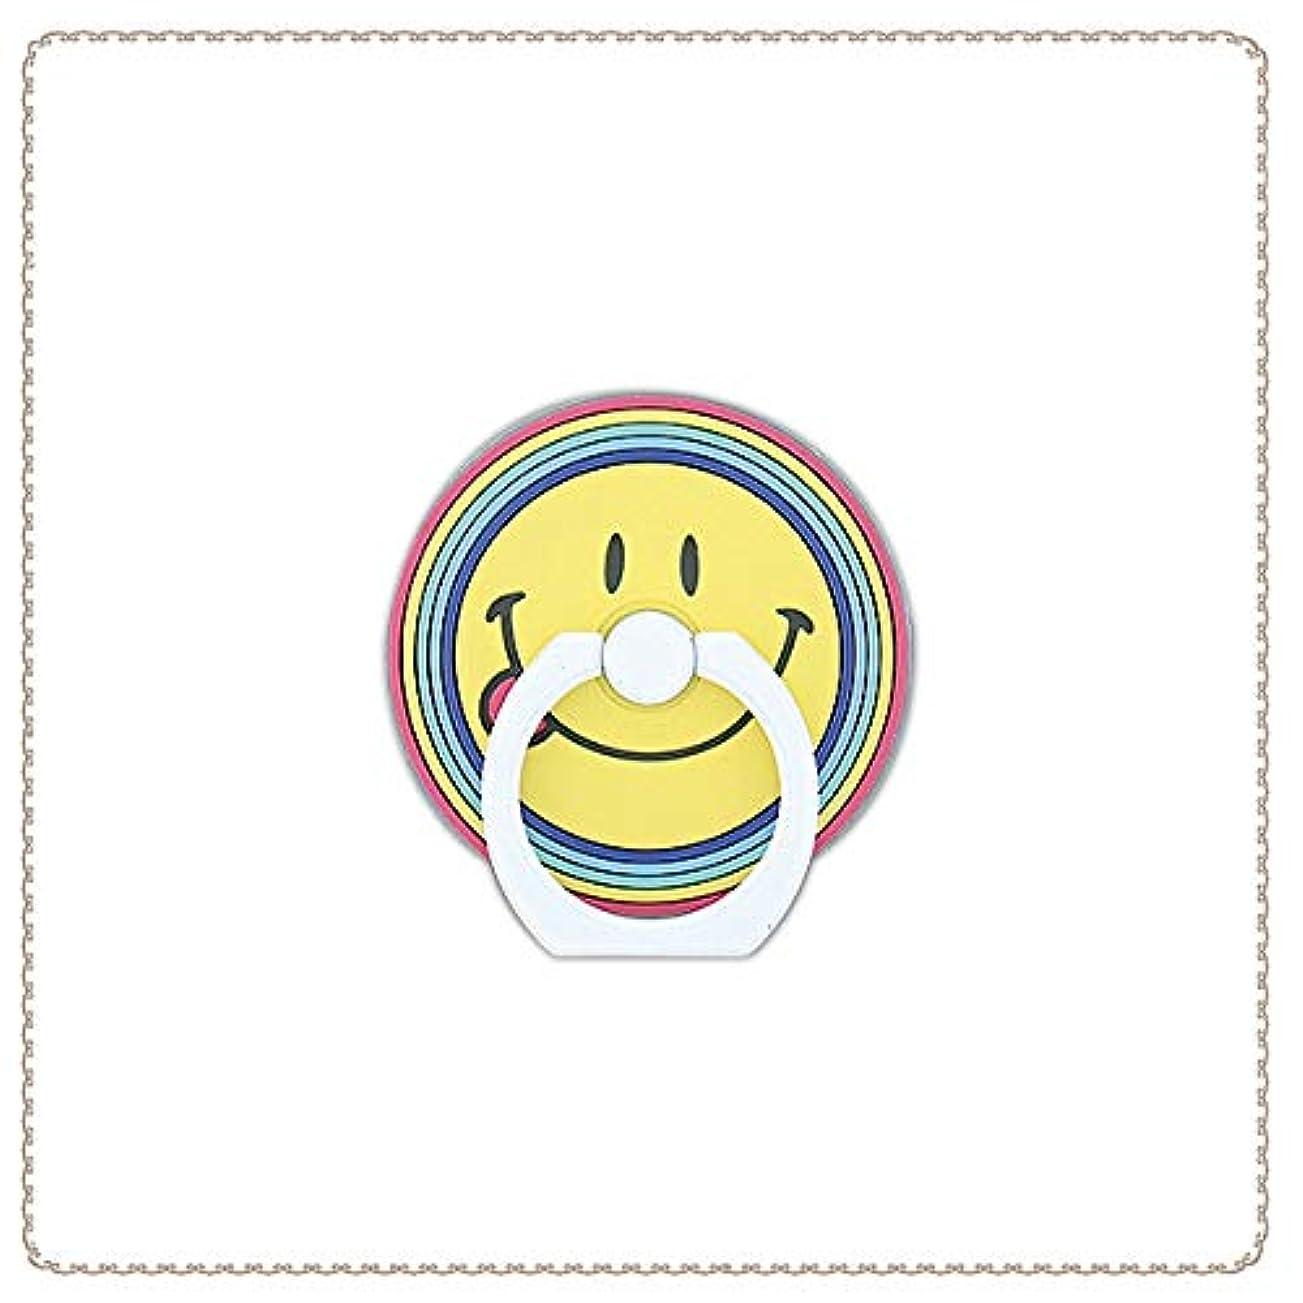 八百屋痛い避ける【フラワーリング】FLOWERING スマートフォンリング(Smiley)(ラバータイプ) スマイリーフェイス SARS001-MT(マルチ) [各種スマートフォン用]